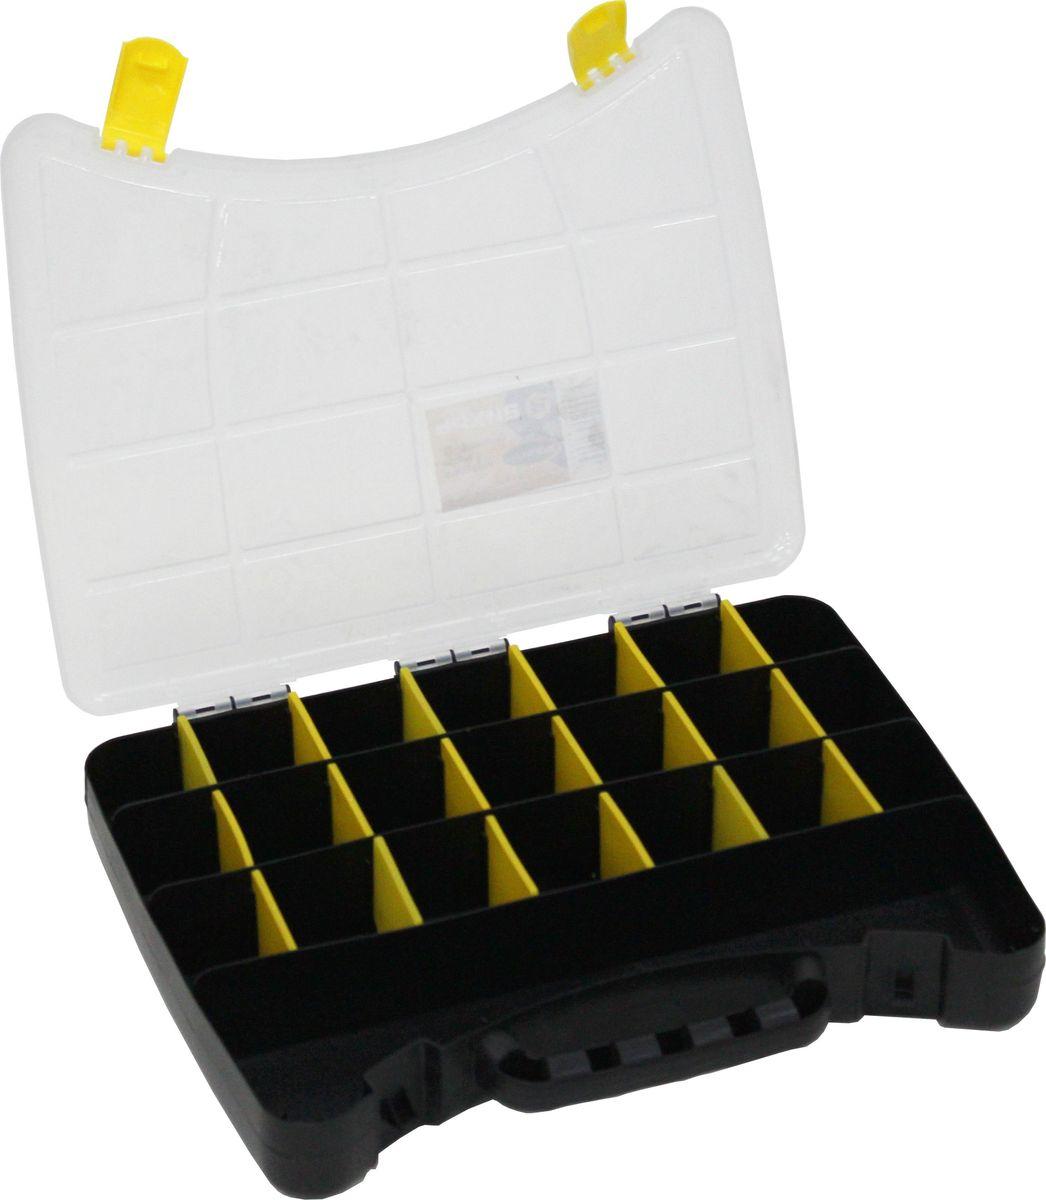 Органайзер Вихрь, 30 х 22,5 х 4,5 см80621Органайзер Вихрь имеет: - Удобные накладные замки; - Переставные перегородки, которые позволяют изменять пространство; - До 22 отделений для крепежа и мелких предметов;Изготовлен из пластика.Размер: 30 х22,5 х 4,5 см.